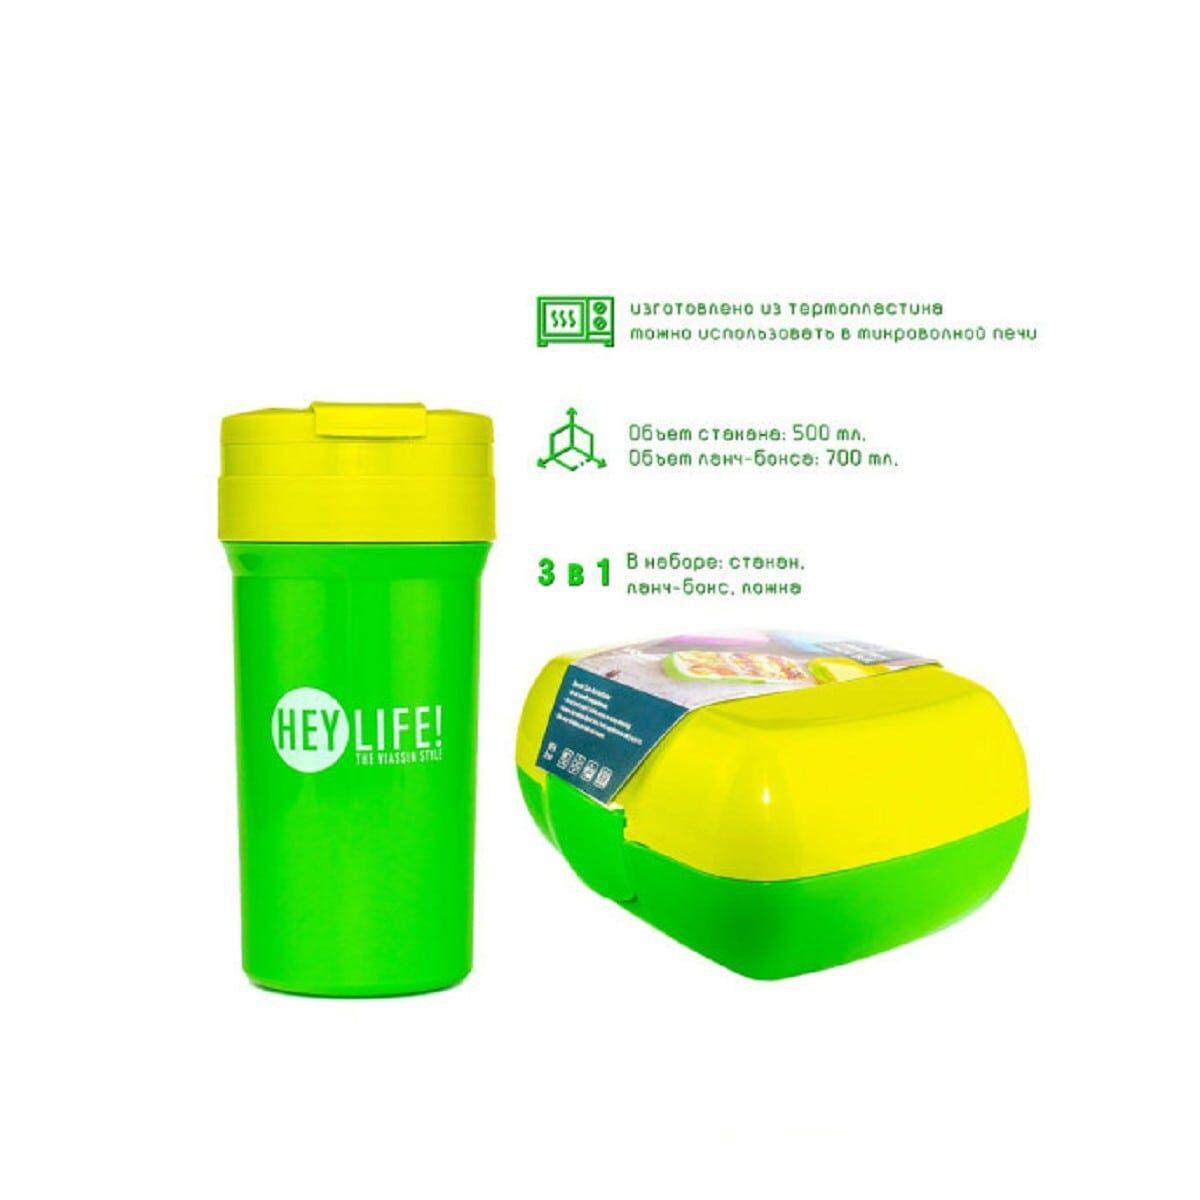 Комплект овальний ланчбокс на 2 секції 700 мл. з ложкою та пляшка 500 мл, зелений